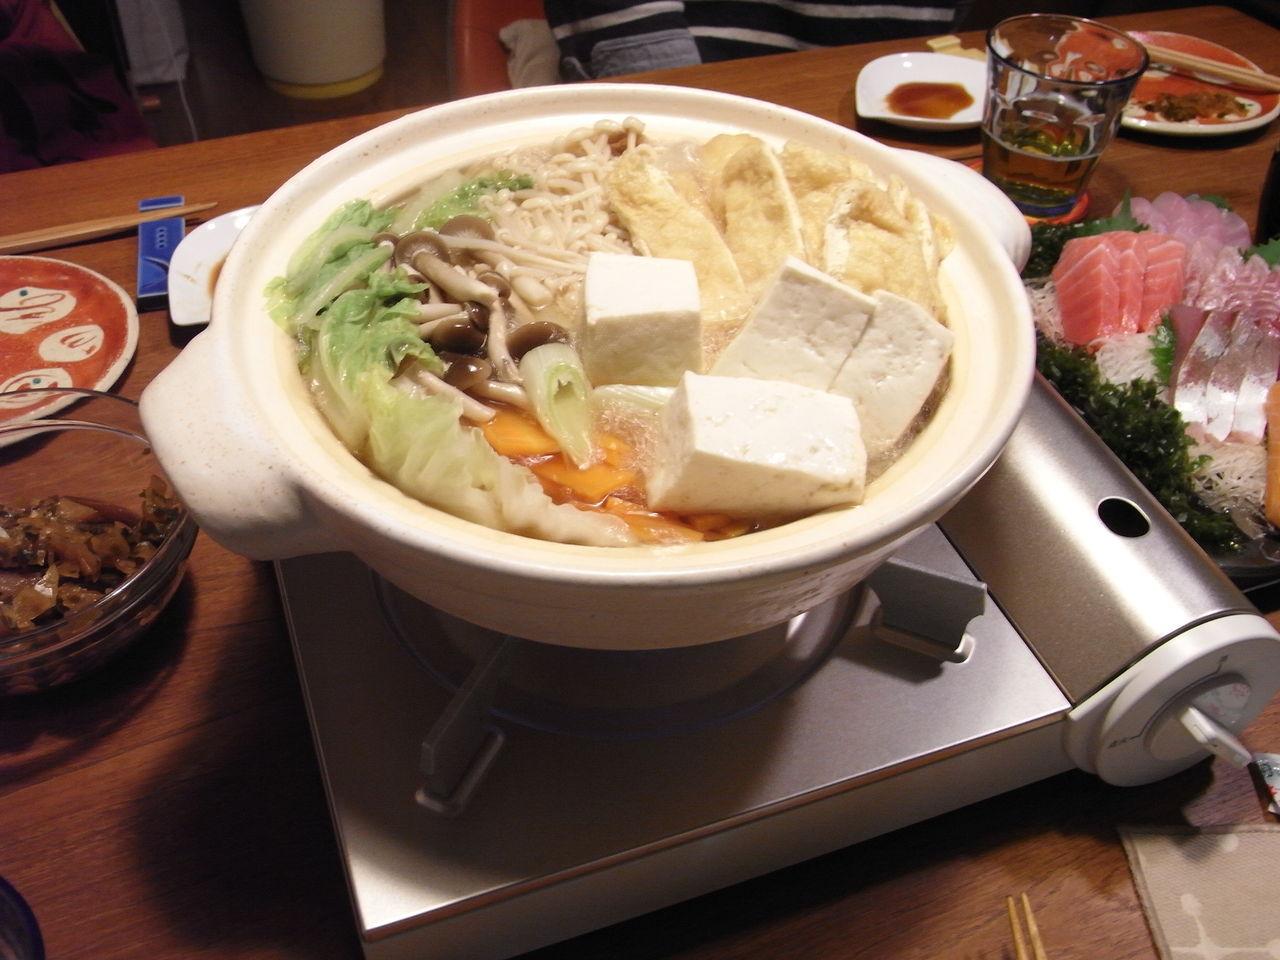 いやぁ、楽しくて、飲み過ぎてしまいました。(笑)無印のカセットコンロには無印の土鍋がピッタリです。今回の土鍋は伊賀焼の軽量土鍋です。